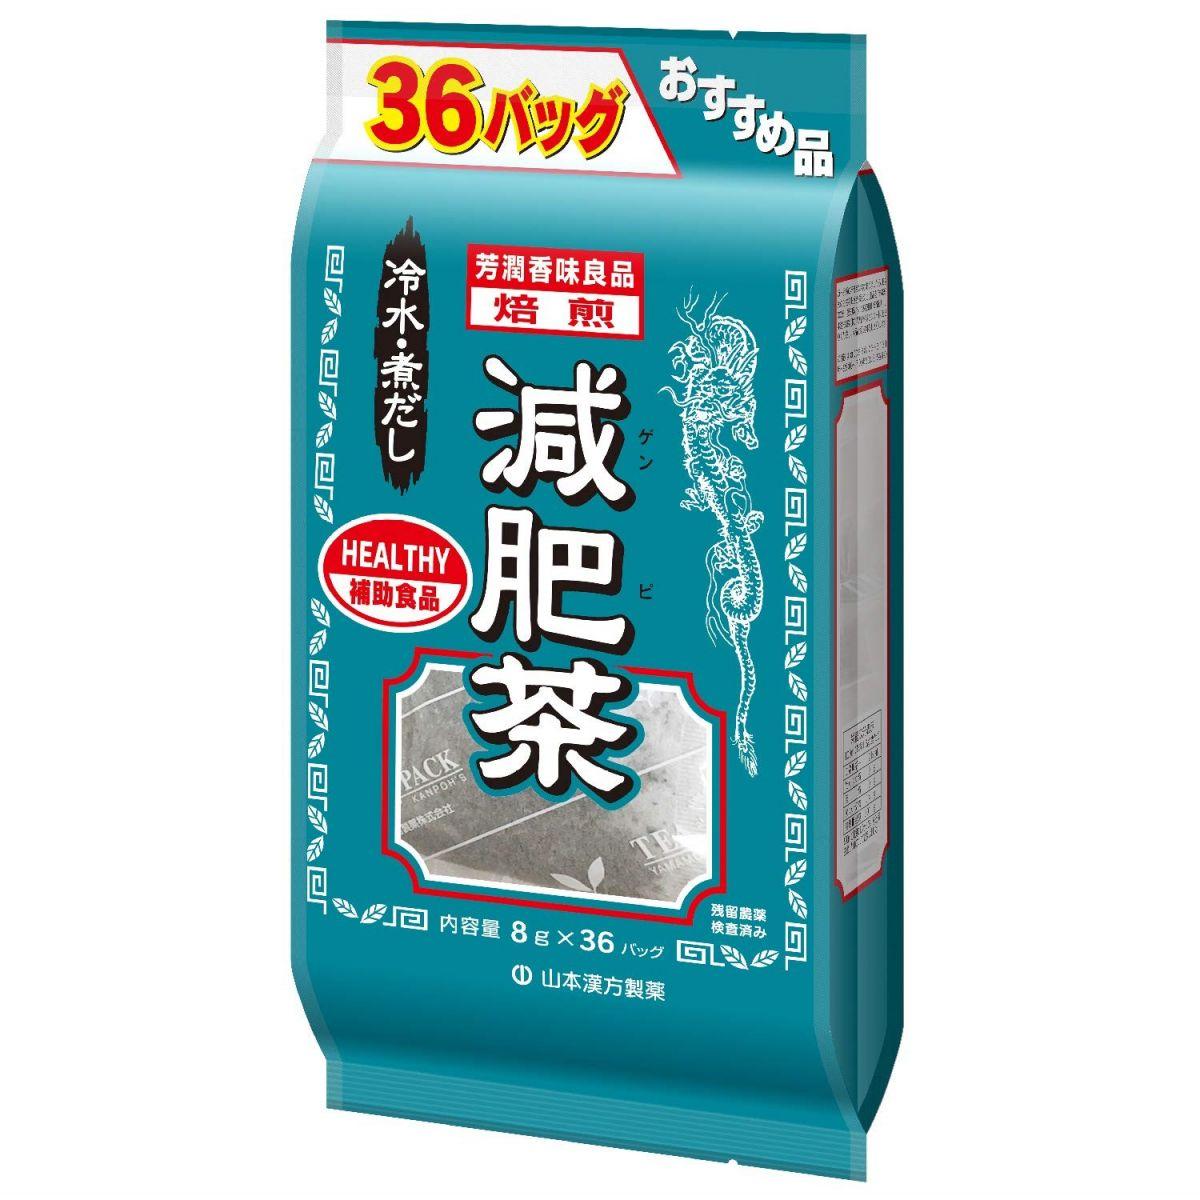 Trà thảo mộc hỗ trợ giảm cân Yamamoto Kanpo 36 gói